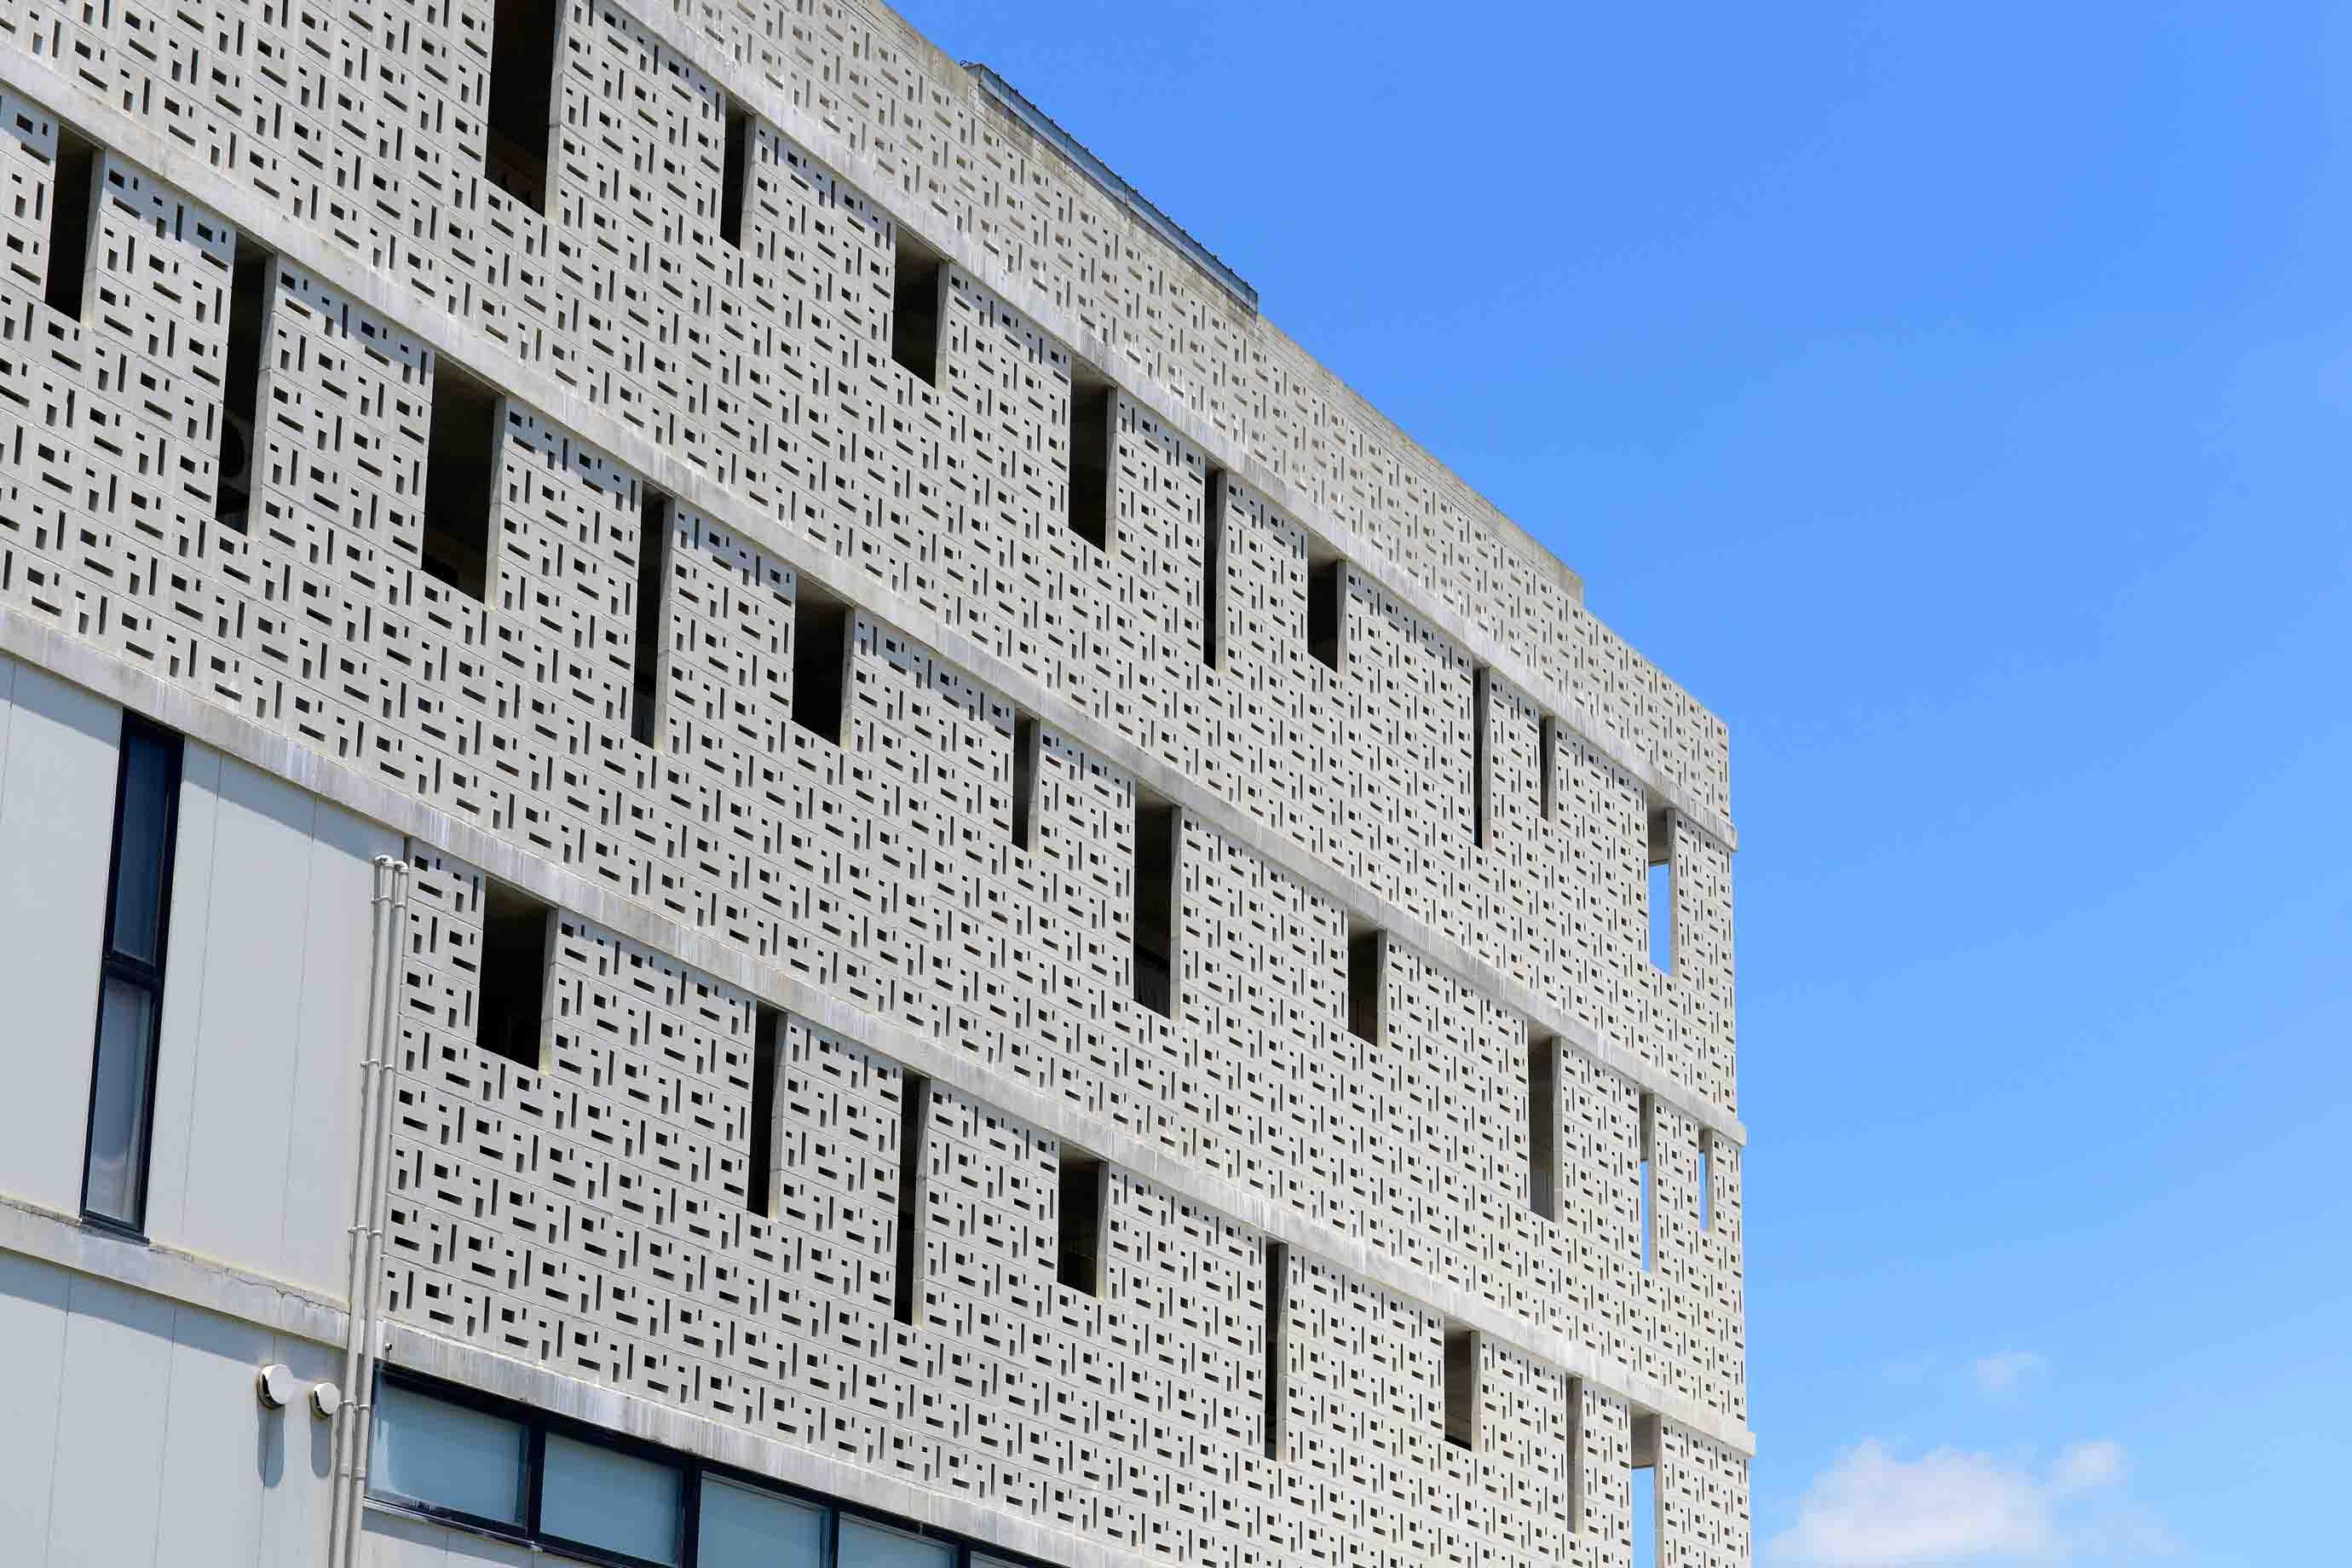 同じ建物を外側から見たところ。レースのようなデザインが涼しげでありつつ、プライバシーを担保する機能も担っていることがわかります